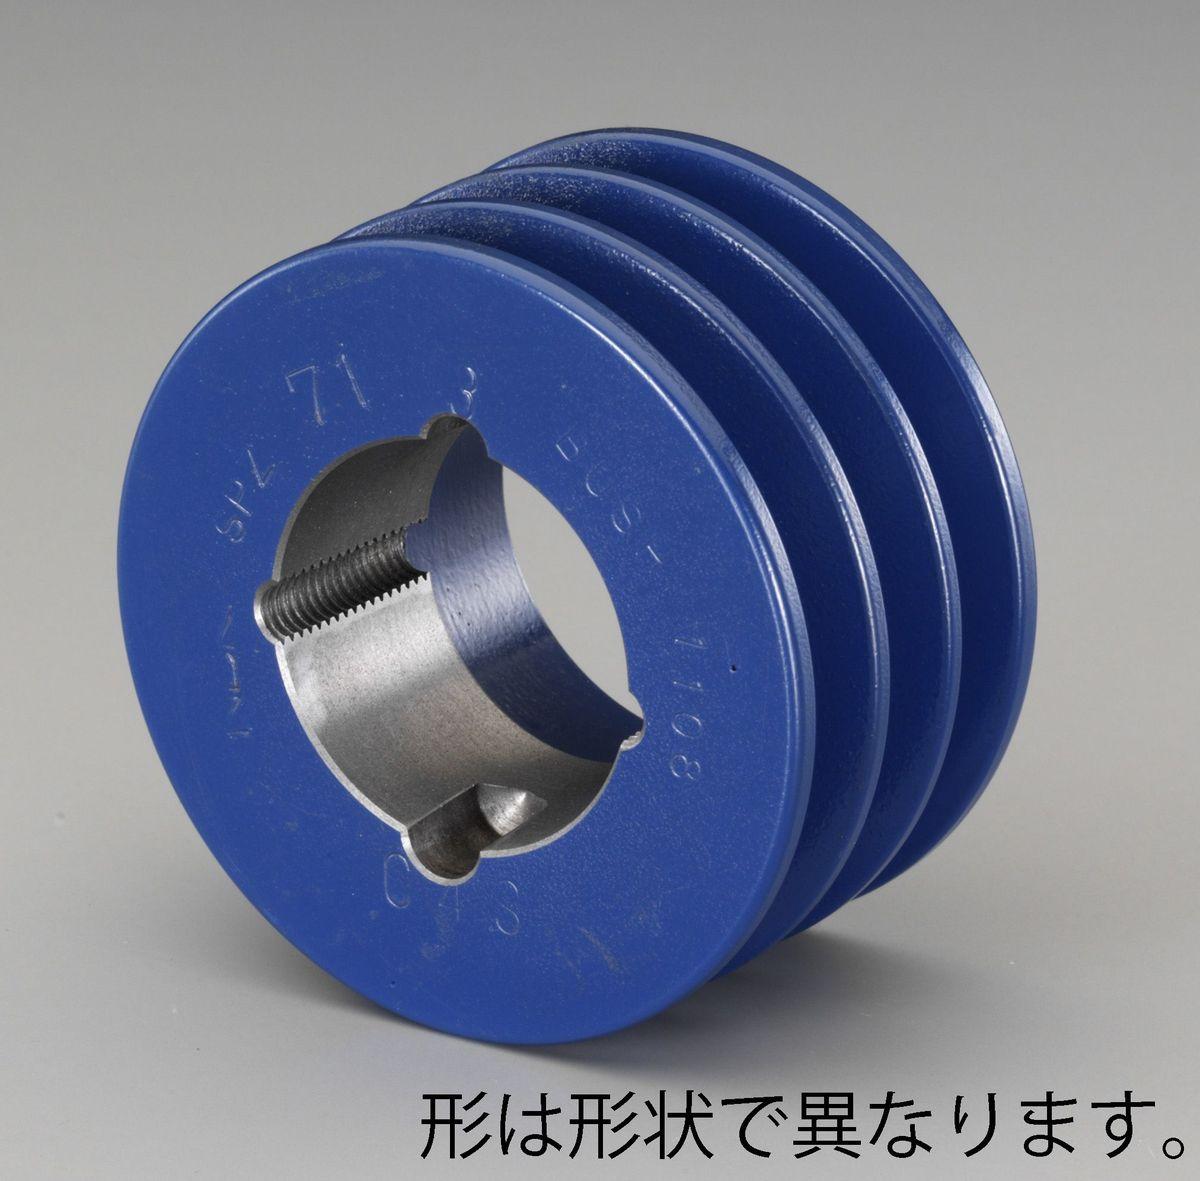 エスコ ESCO 170mm 3本構 Vプーリー SPプーリー/41UR 000012266125 JP店